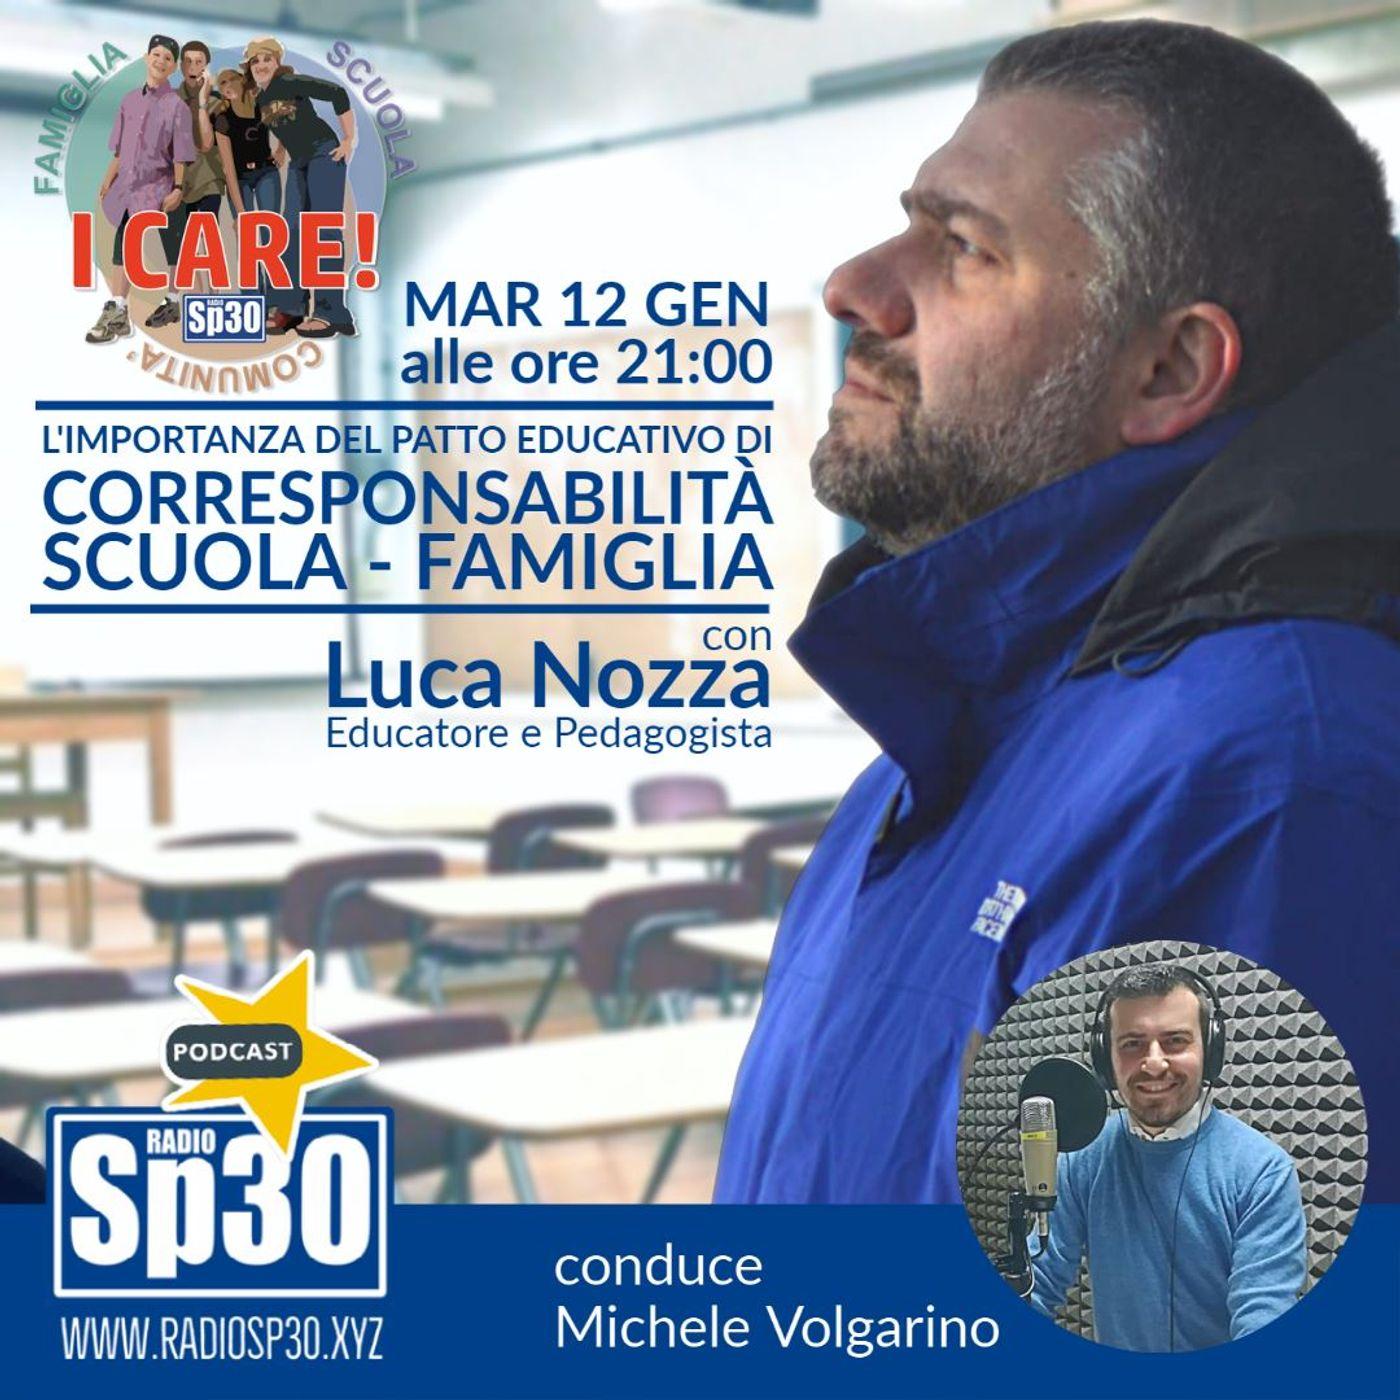 #ICARE - L'importanza del patto educativo di corresponsabilità scuola - famiglia. Con Luca Nozza